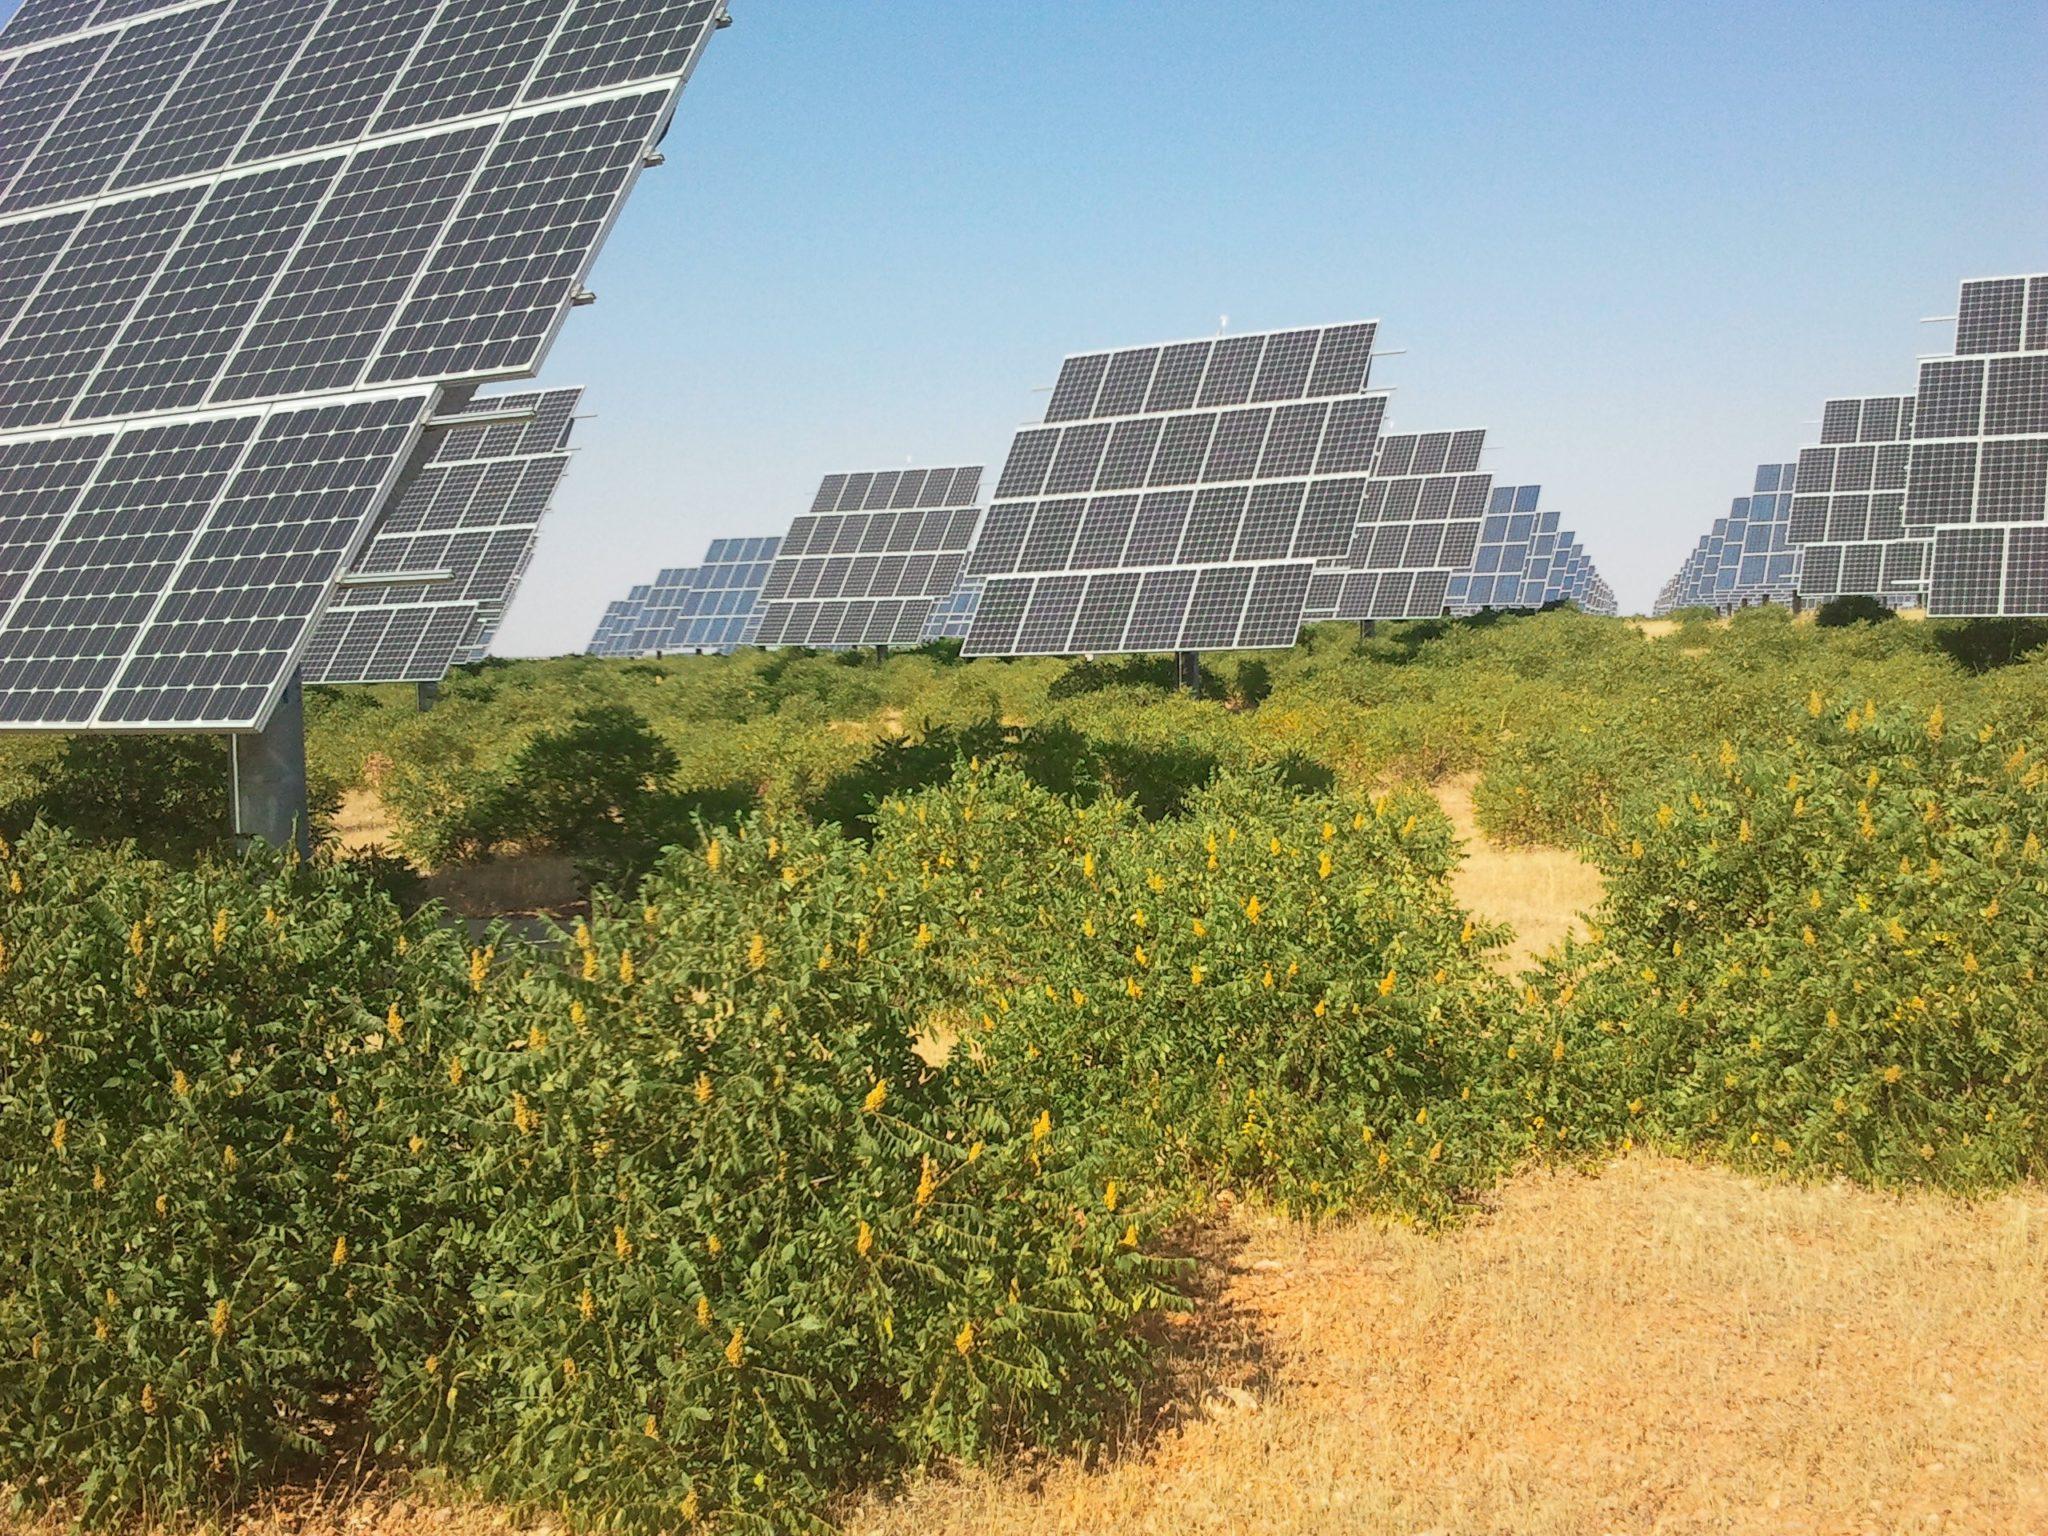 Evaluaci%c3%b3n-ambiental-de-plantas-solares-fotovoltaicas-4